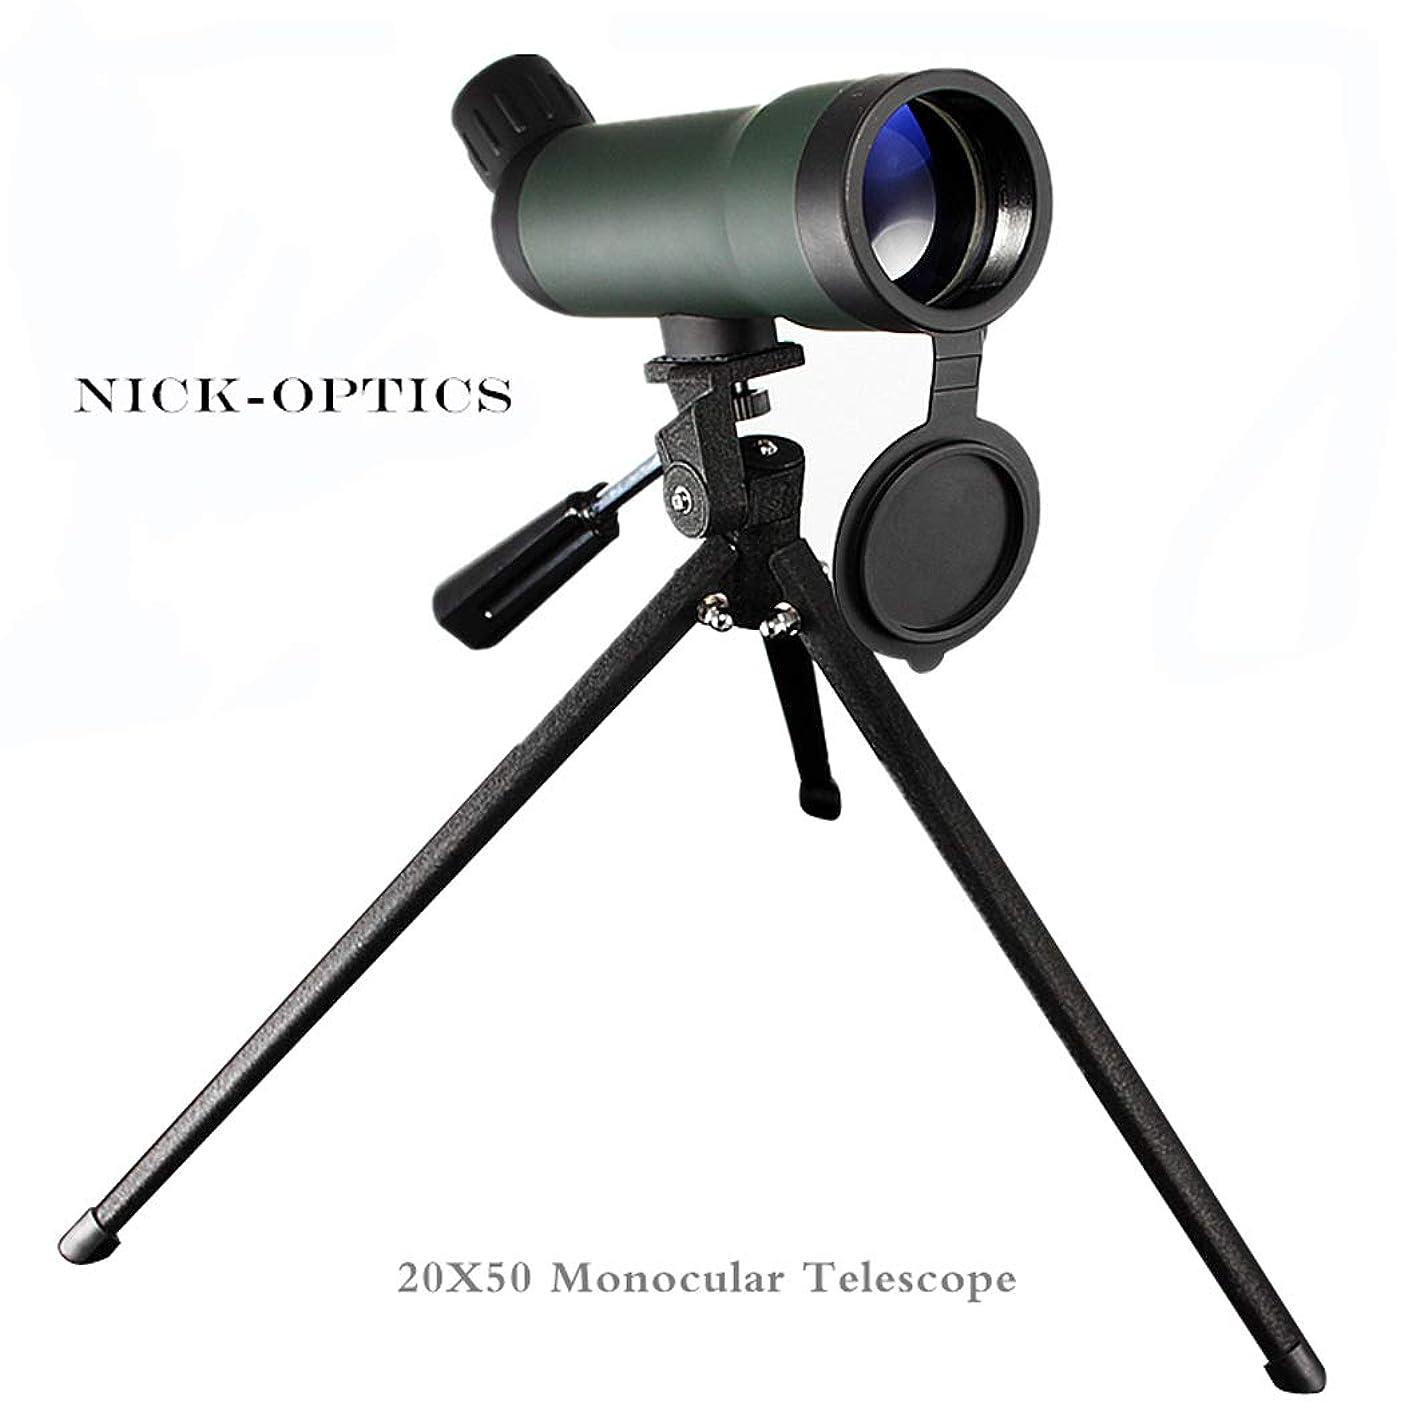 一流スーツケース肥料単眼望遠鏡20x50ズームHD単眼双眼鏡ナイトビジョン接眼レンズバードウォッチングスポットを見る高クリアビジョン